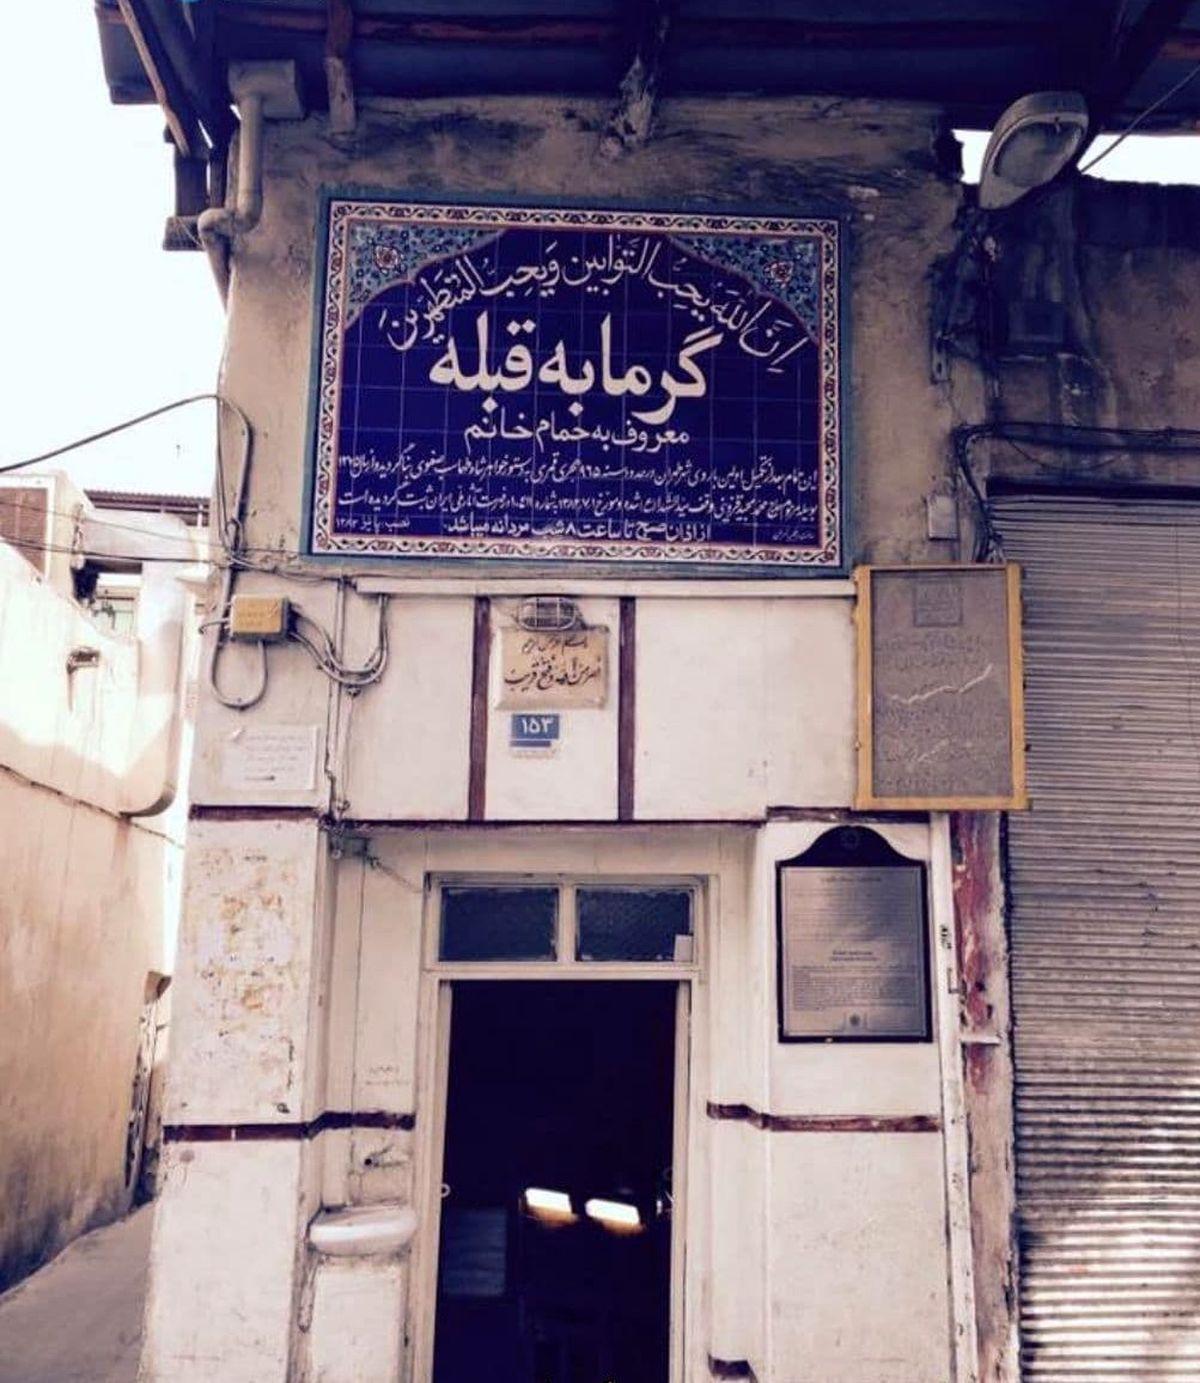 عکس قدیمیترین گرمابه تهران+آدرس